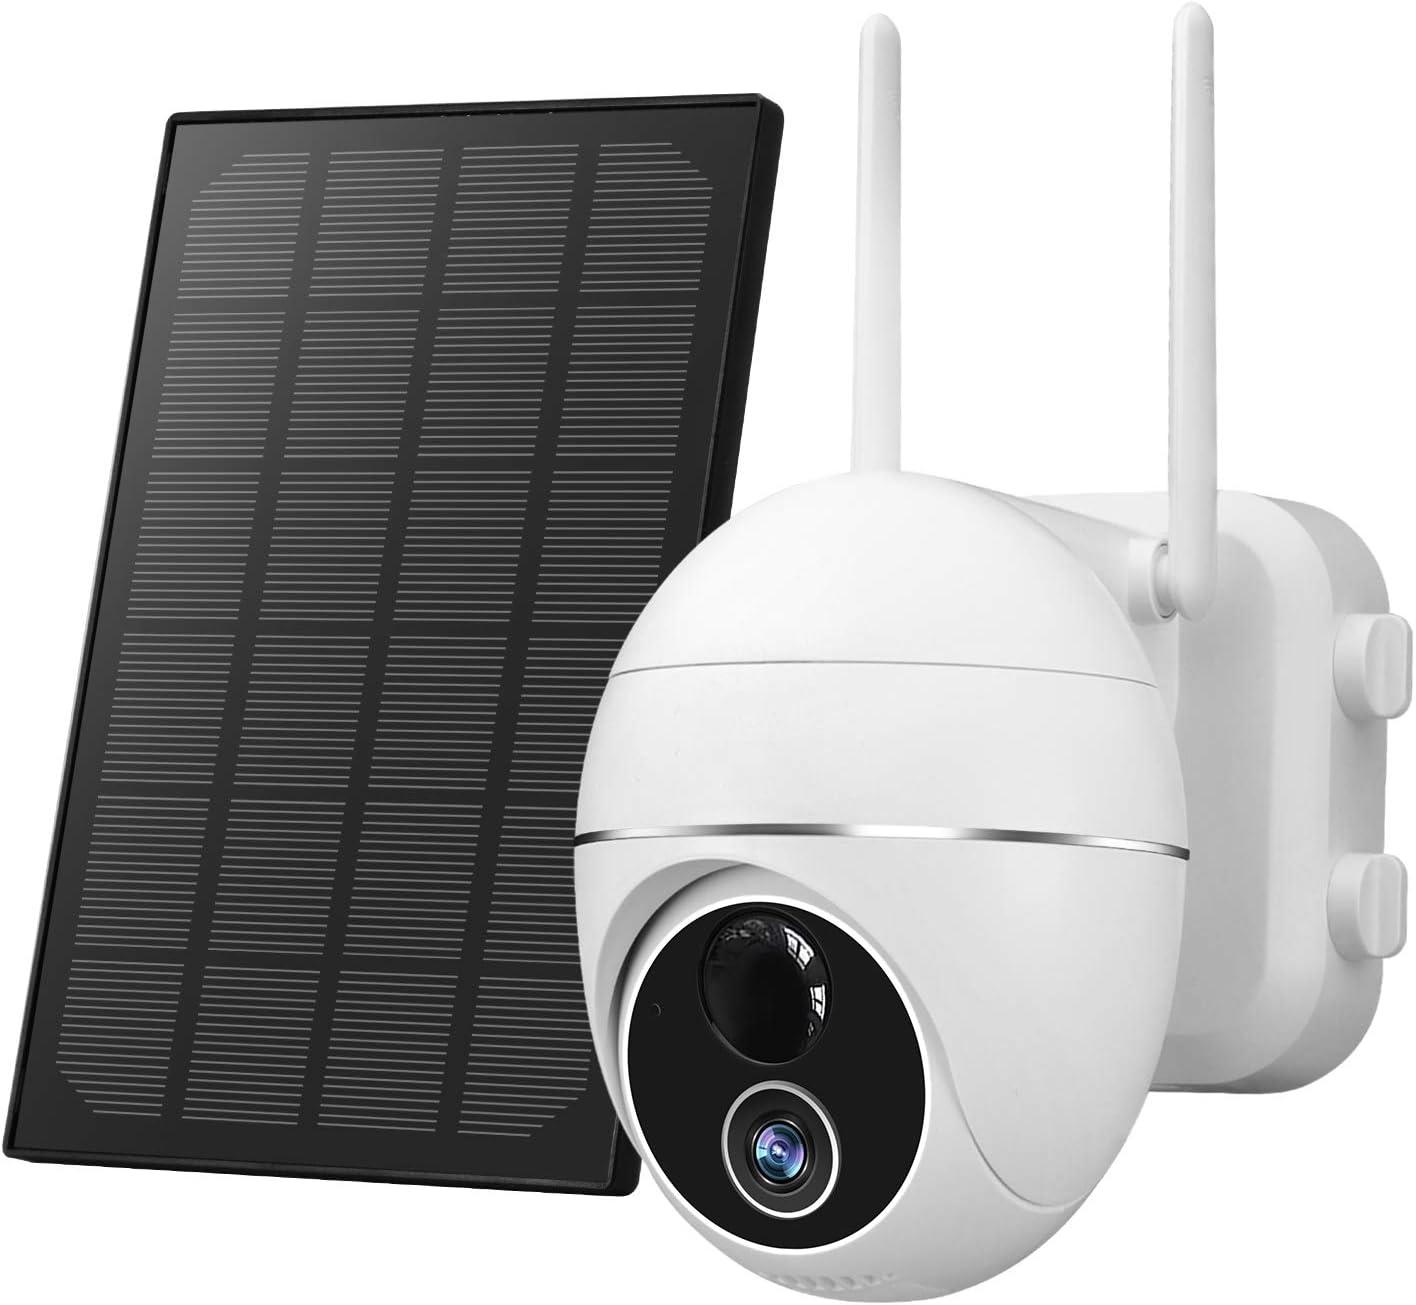 Cámara de seguridad inalámbrica para exteriores Zeetopin con batería de 15000 mAh, cámara de seguridad solar de giro / inclinación / zoom impermeable IP66 con detección de movimiento, visión nocturna